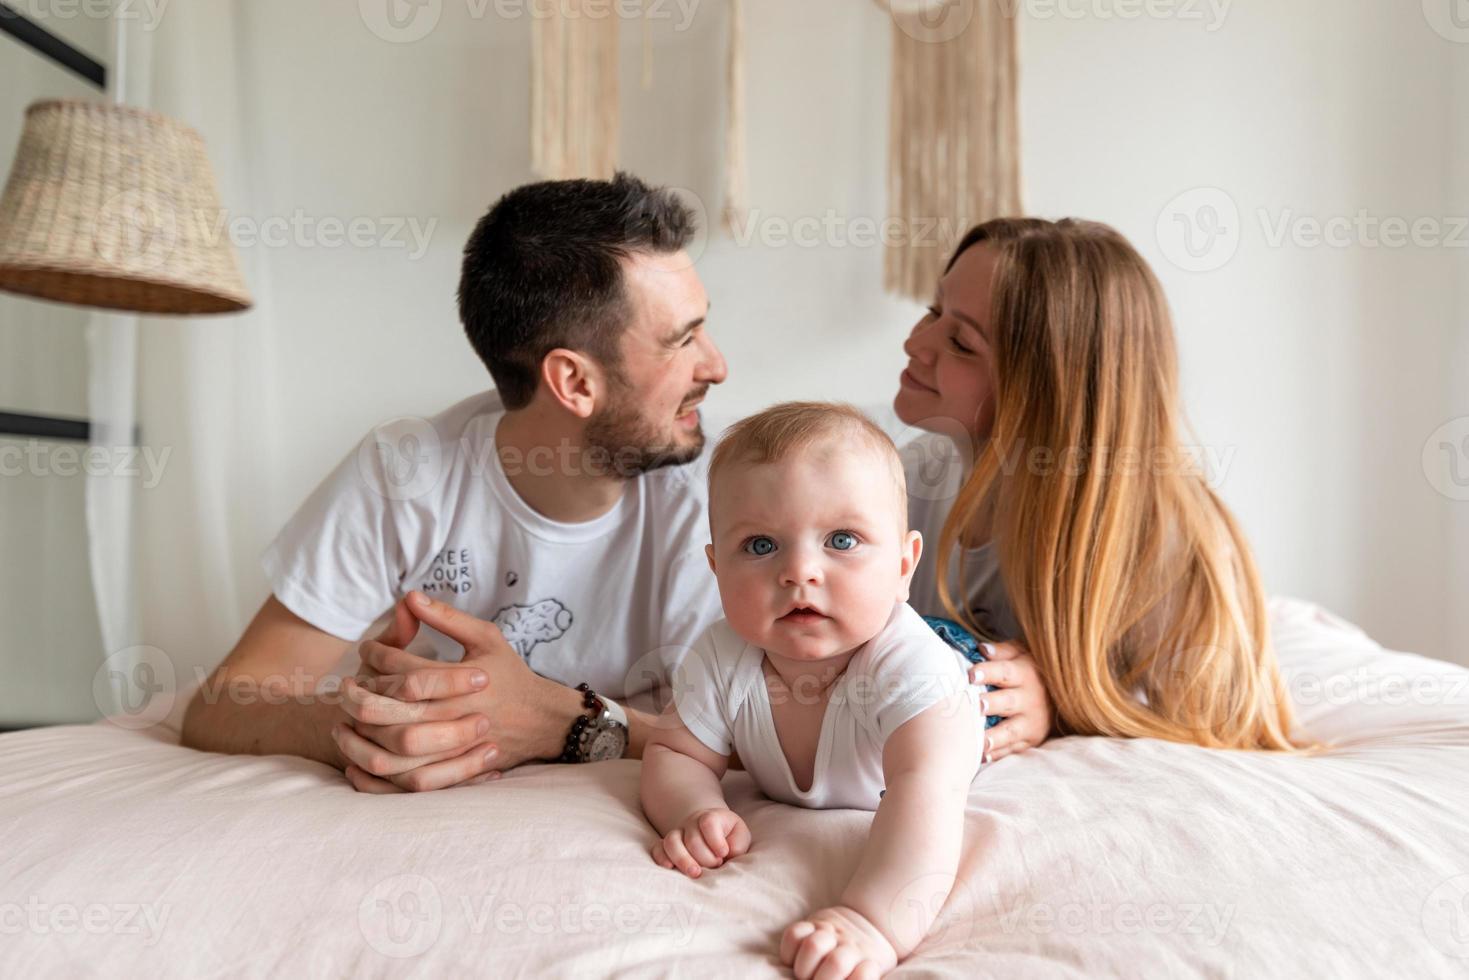 família feliz, mãe, pai e filha em uma cama branca em um quarto ensolarado. pais e uma criança pequena estão descansando em casa. foto